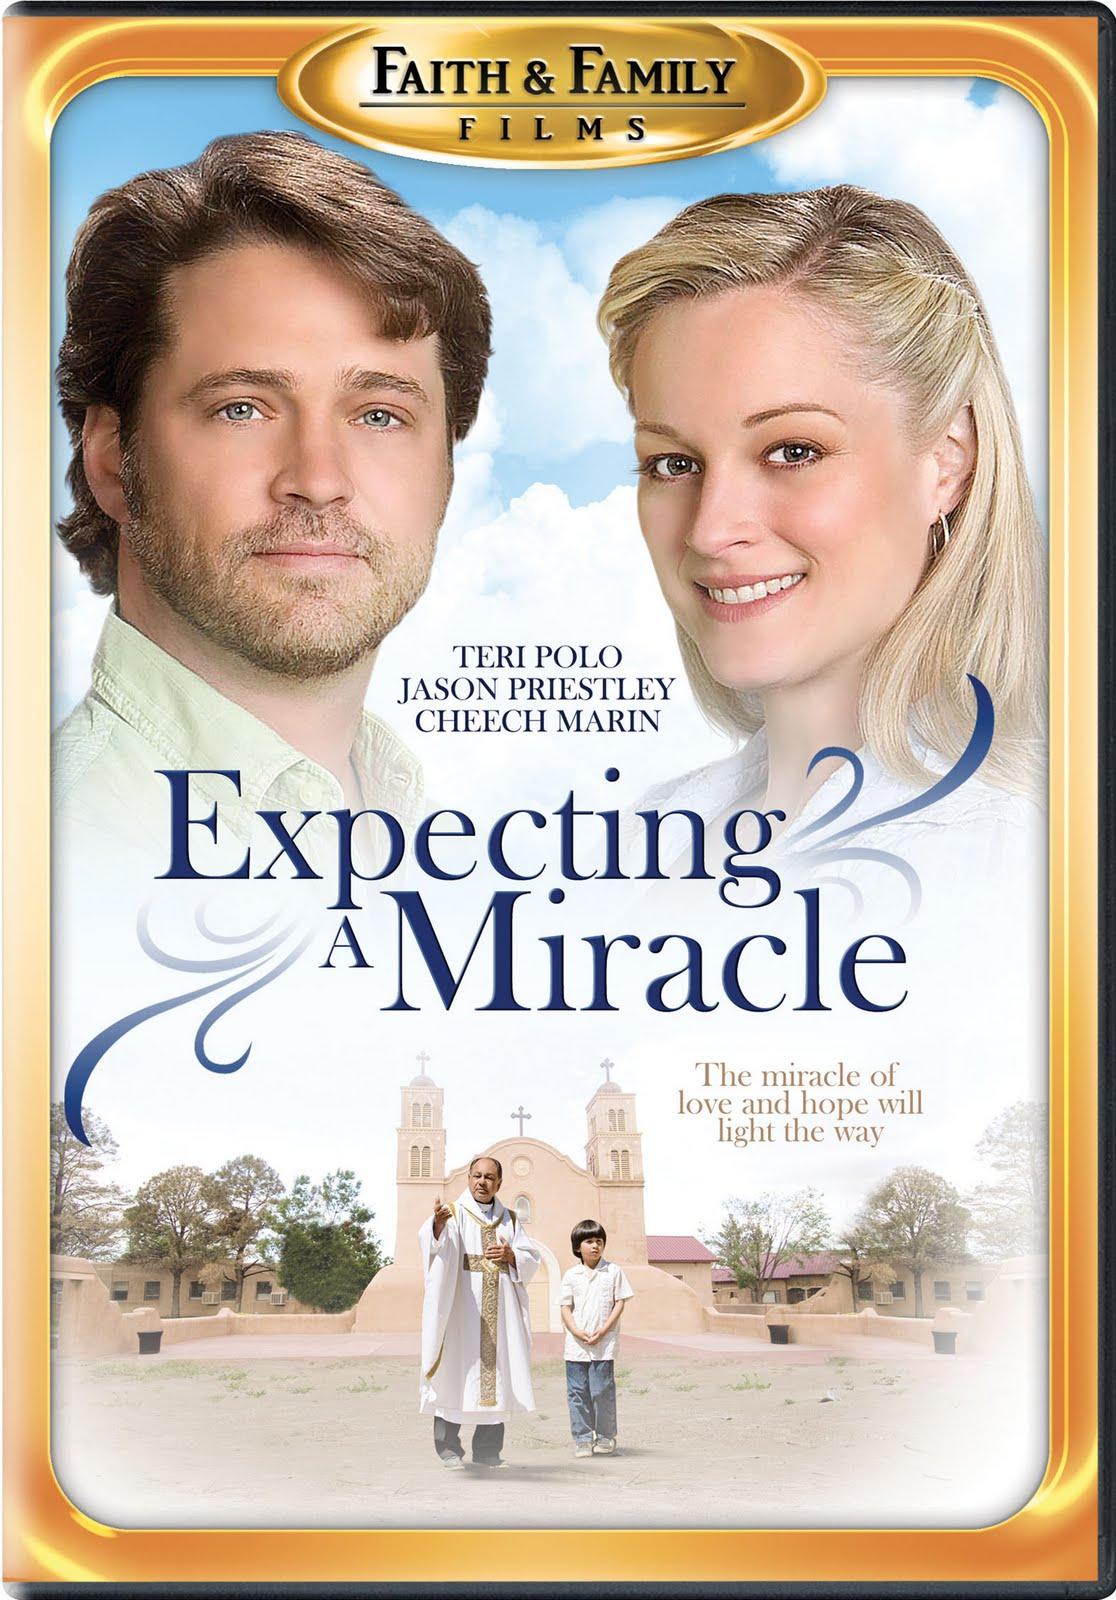 http://3.bp.blogspot.com/_q-ulWAwpK9Y/S8O9ImgnUdI/AAAAAAAATPY/ZzePQWwV1ug/s1600/EXPECTING_A_MIRACLE-DVD-2D.jpg